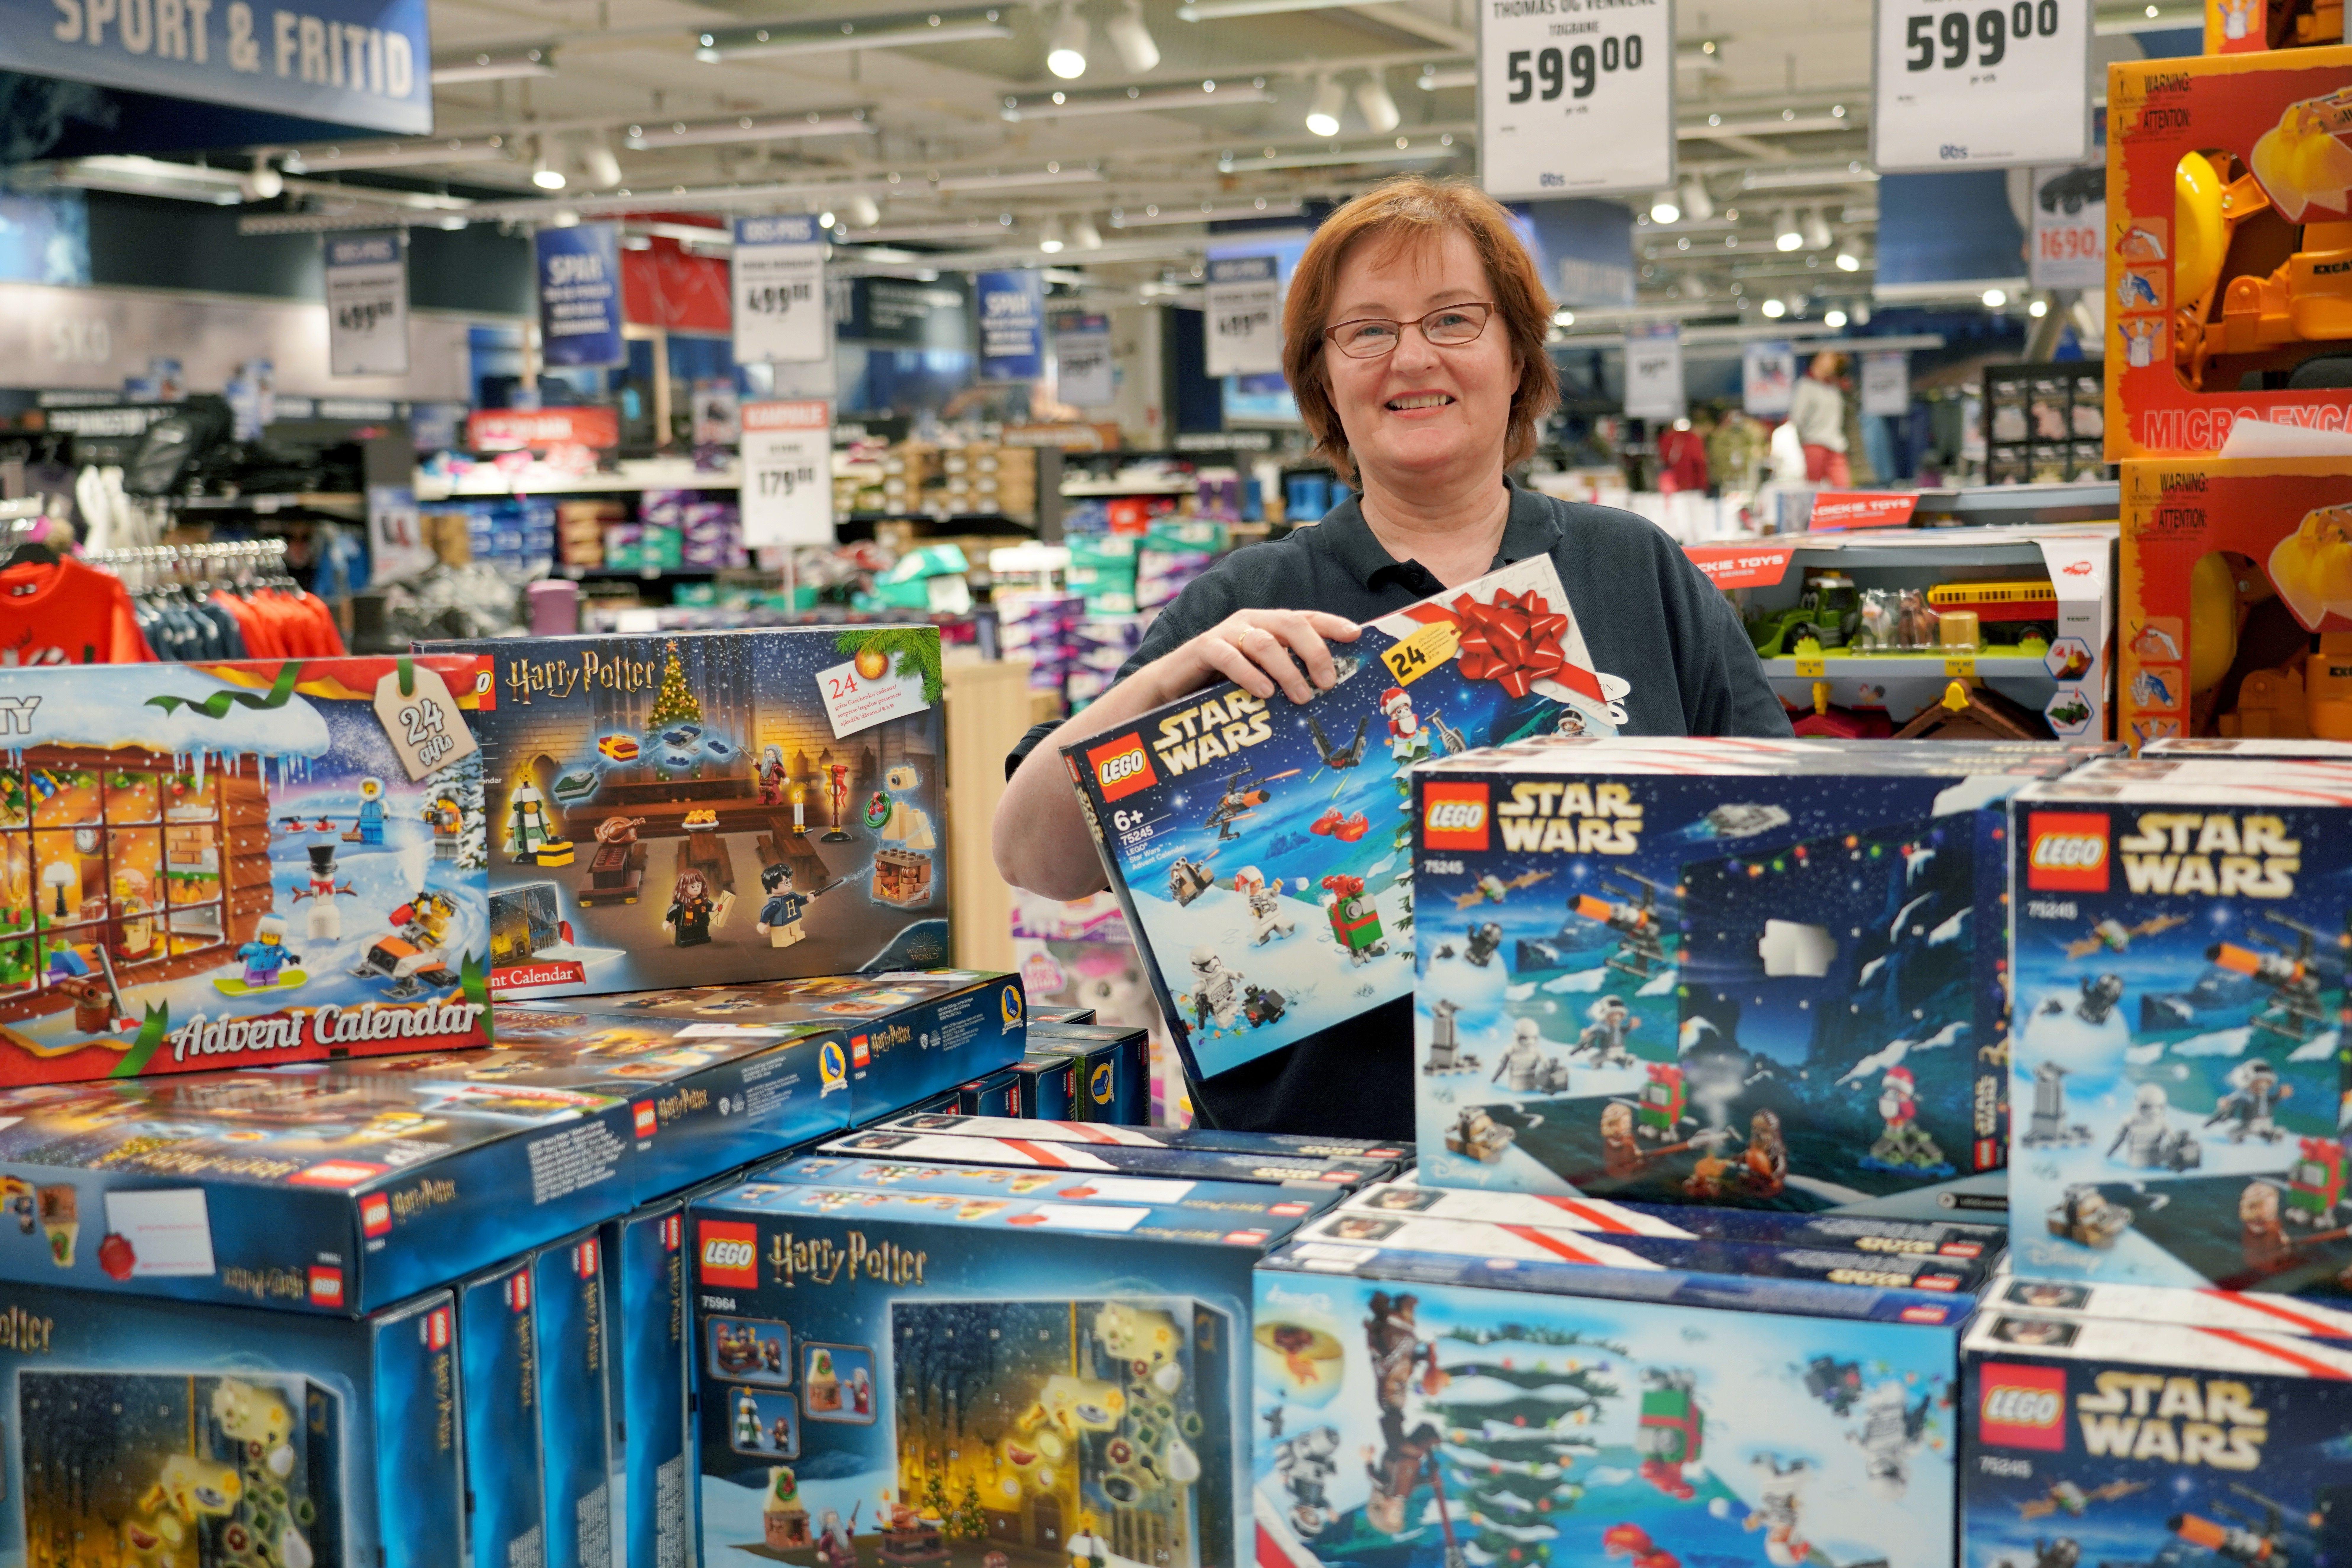 Ann Karin pakker ut adventskalendere og leker, og gjør avdelingen klar til Black Week.